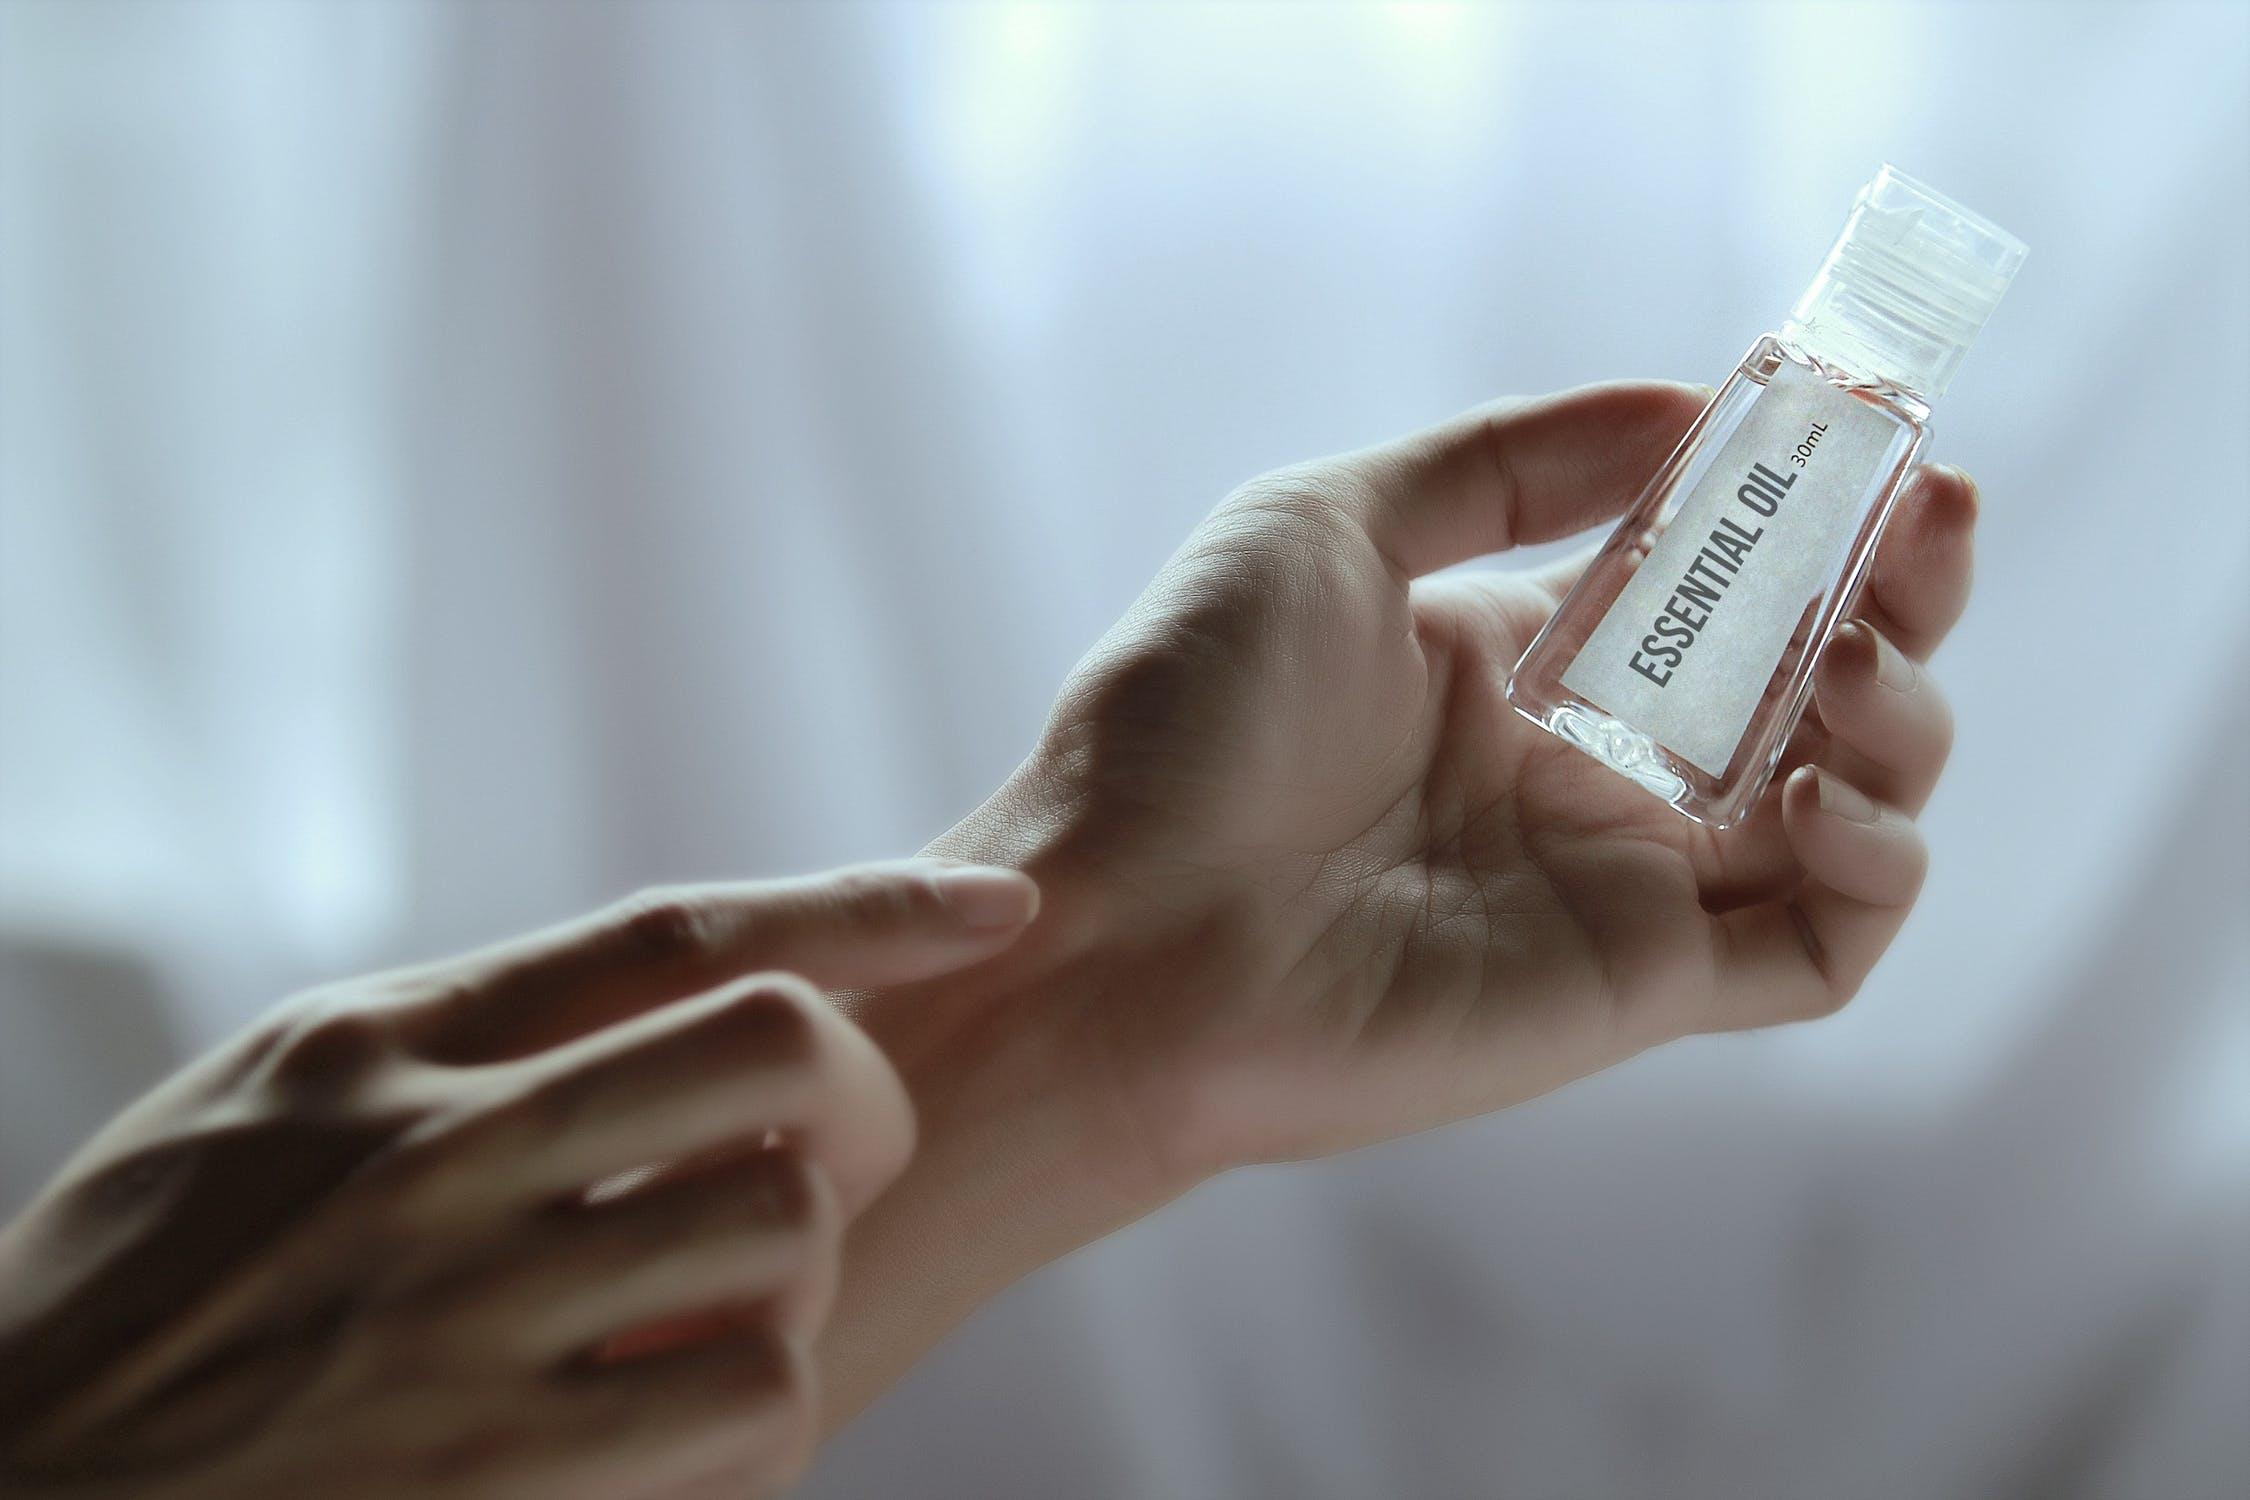 Økologisk hudpleje produkter skåner huden for parabener og parfumer